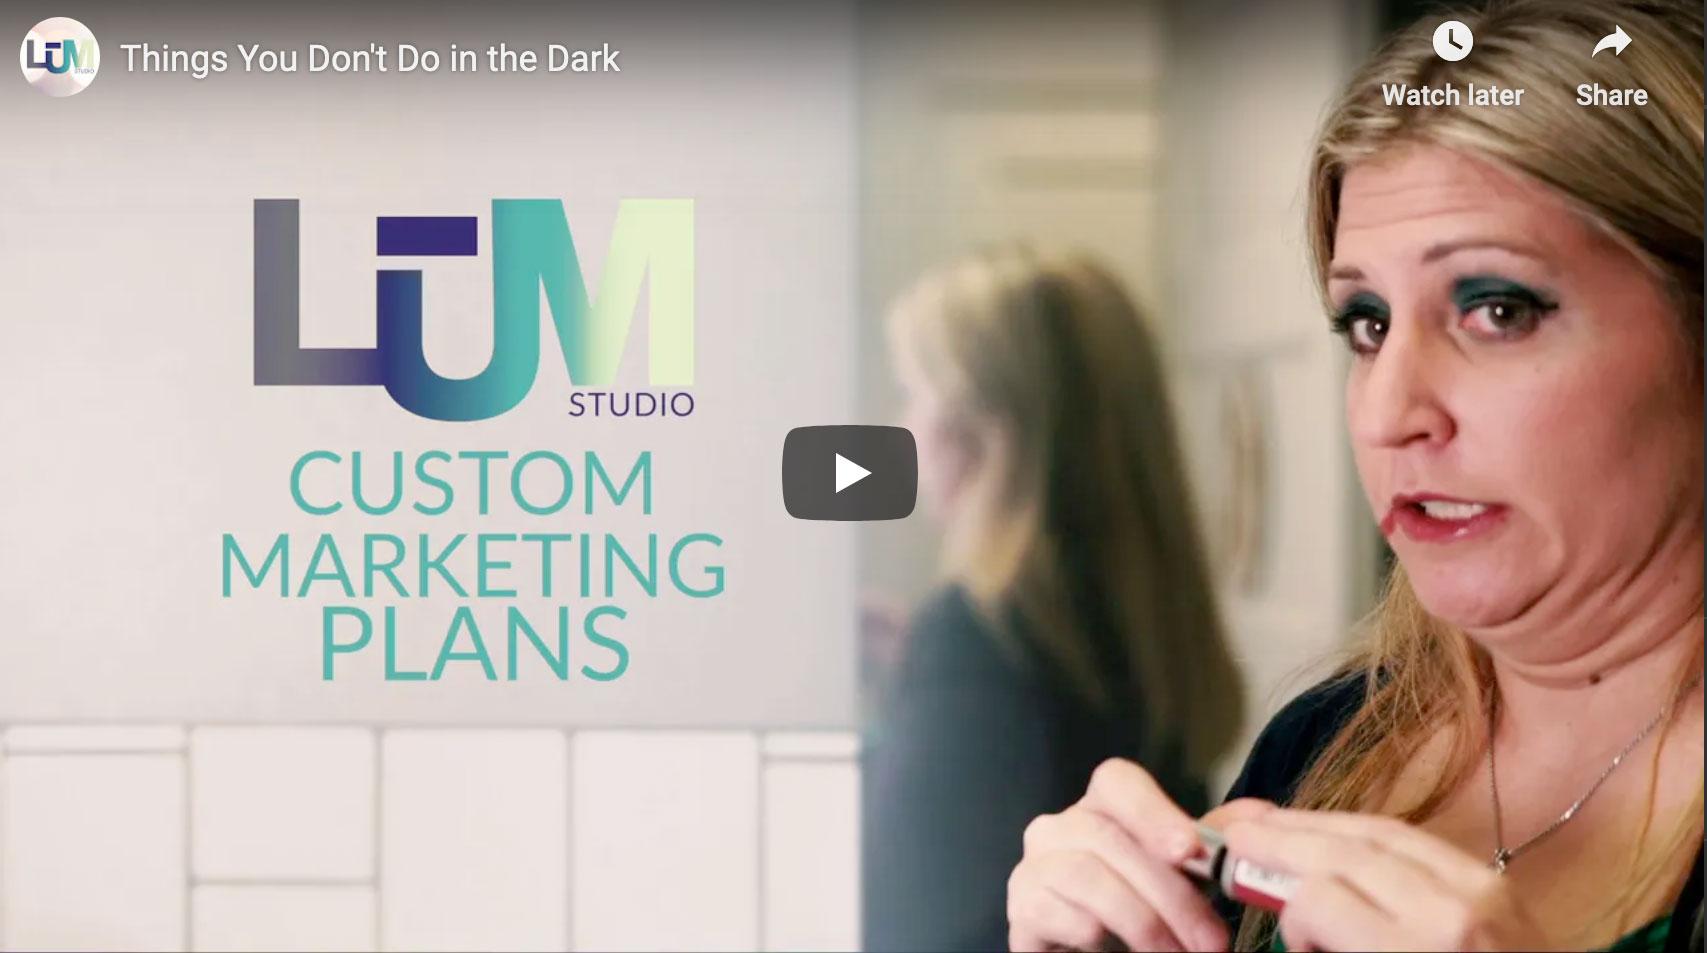 LUM_MarketDark_videoscreen